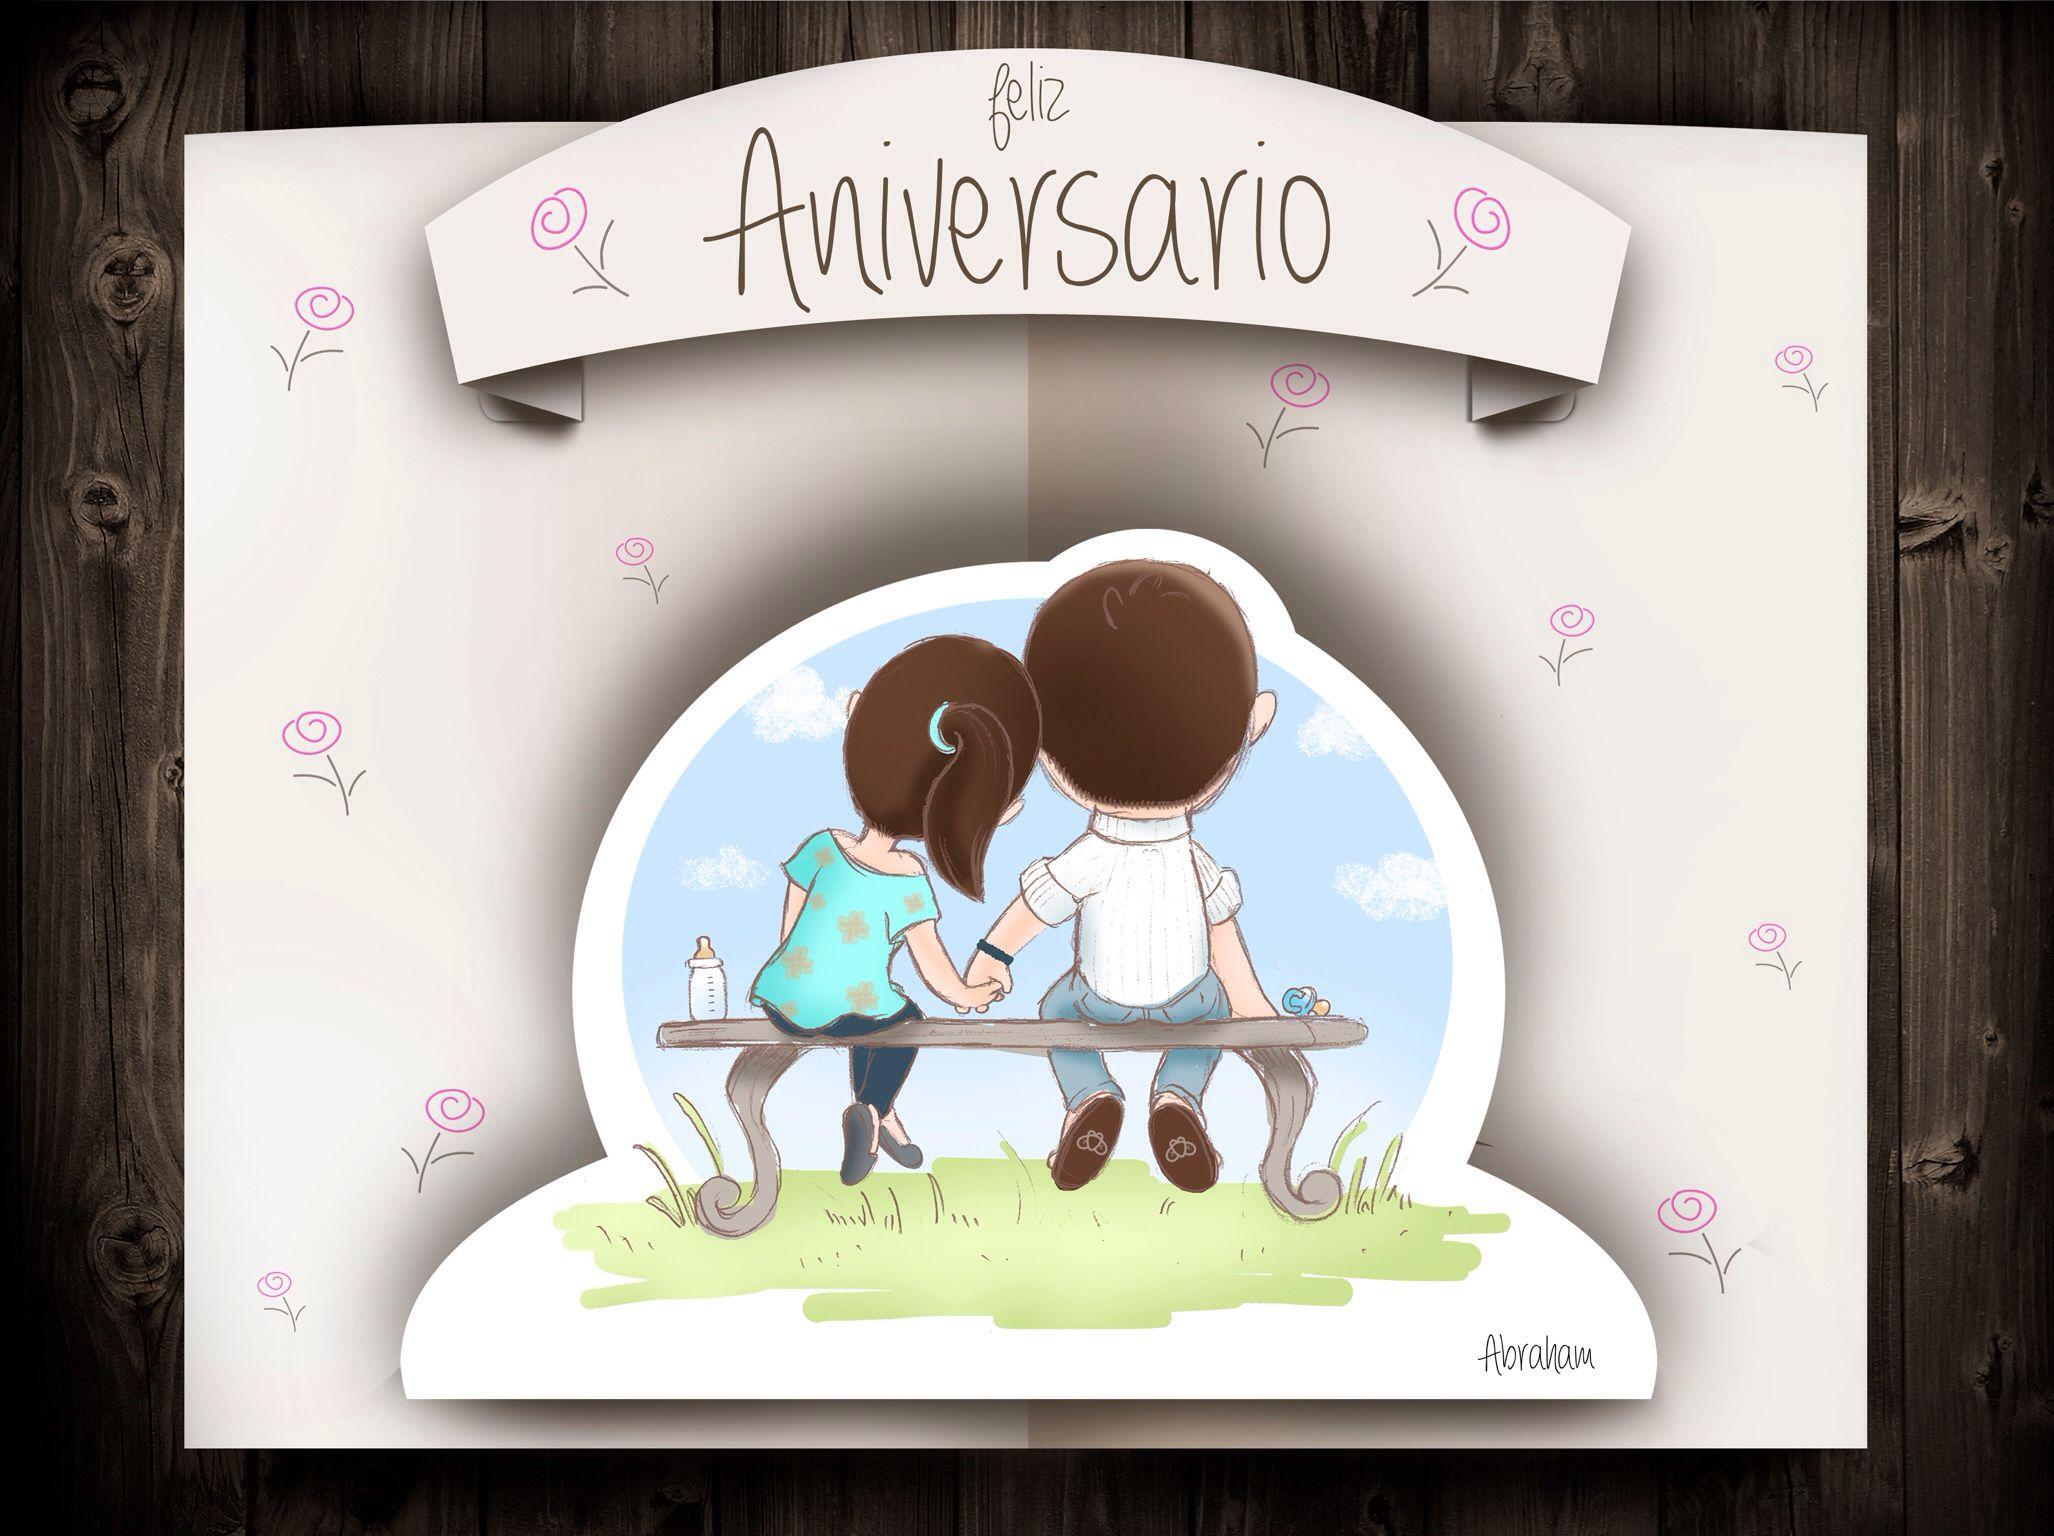 Frases Aniversario De Bodas: Aniversario De Bodas Frases